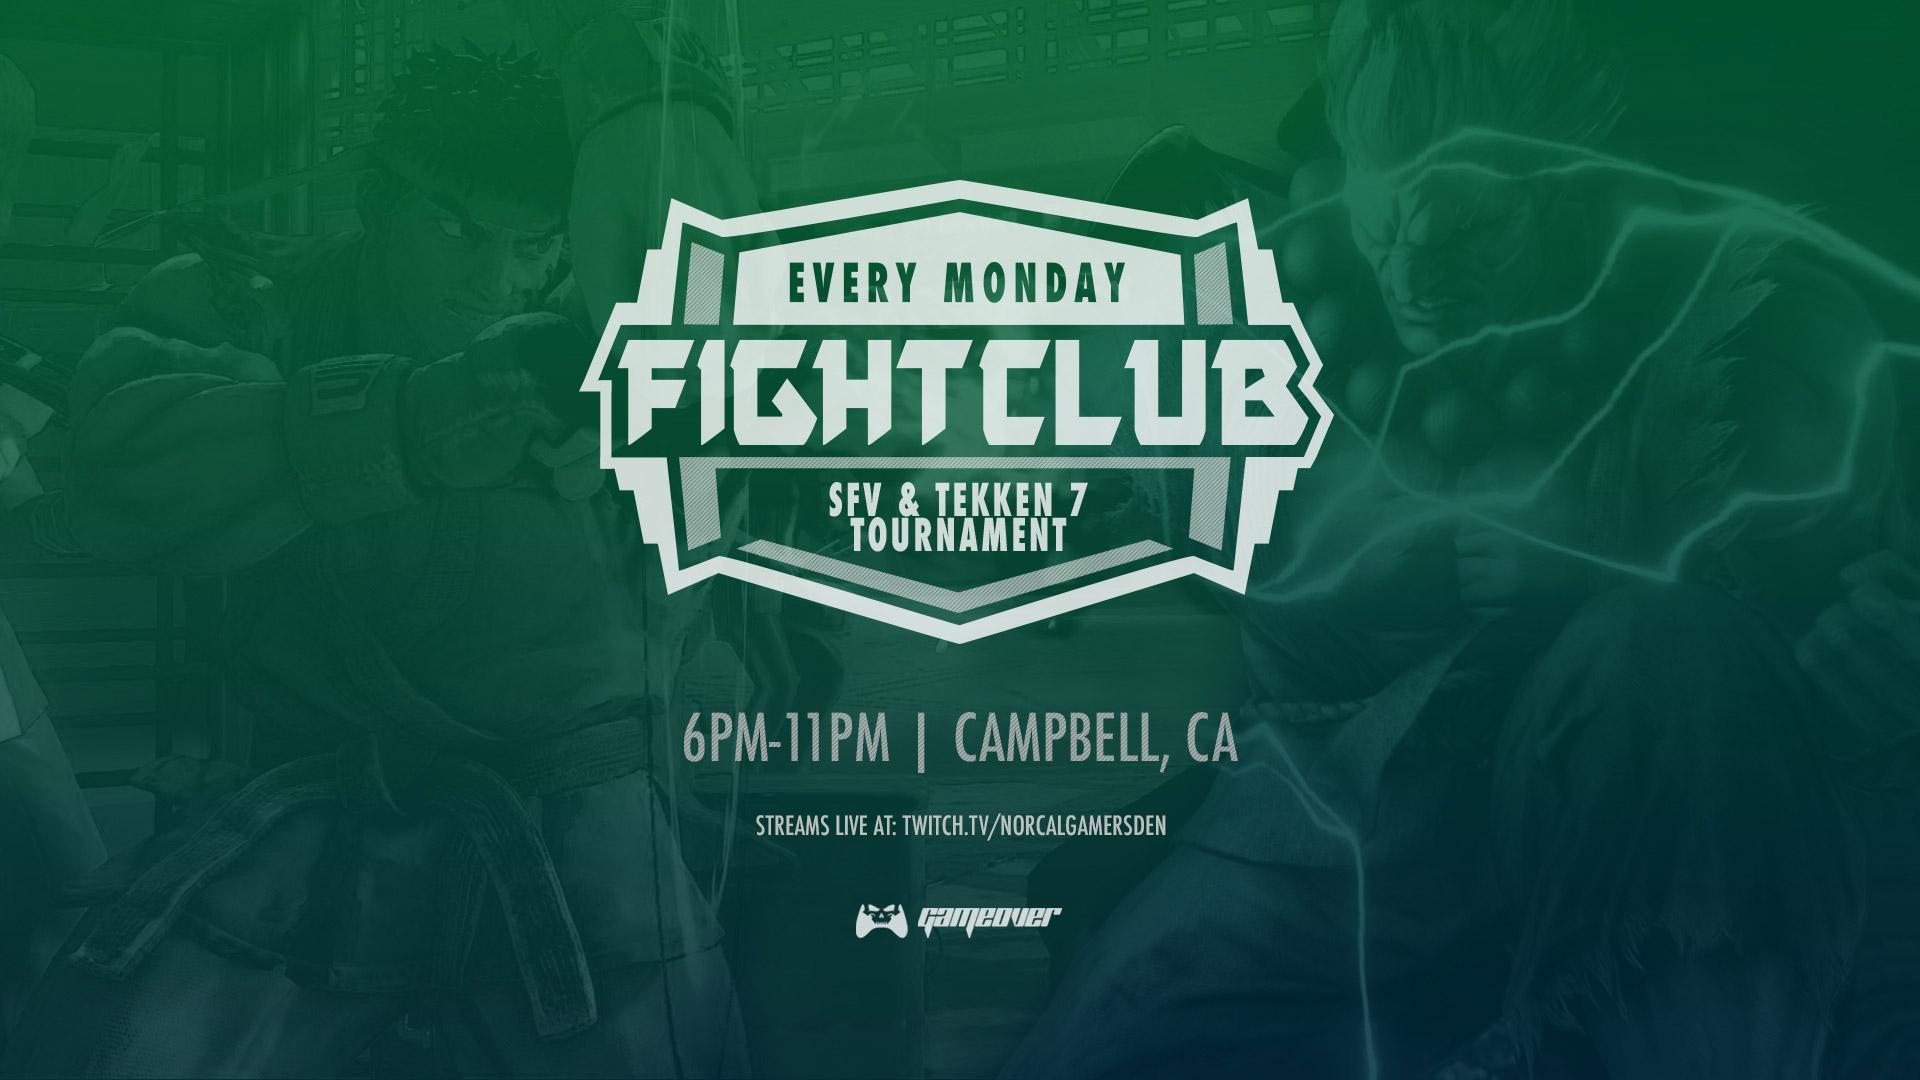 fightclub-sfv-tekken7-weekly.jpg